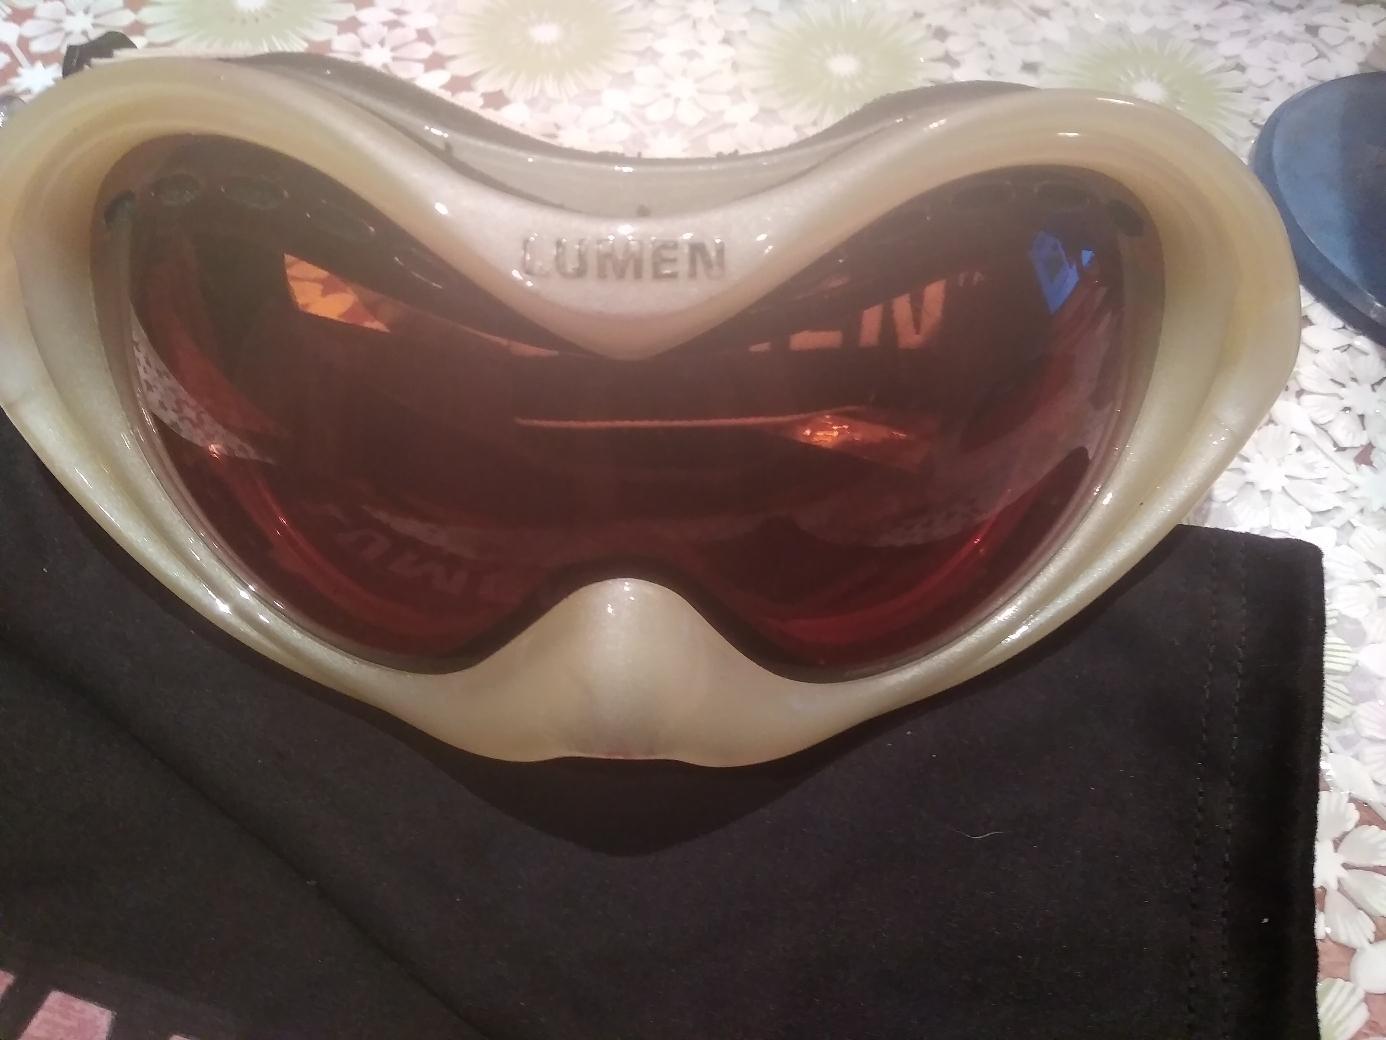 Маска лыжная Lumen в Москве 89774682206 купить 4